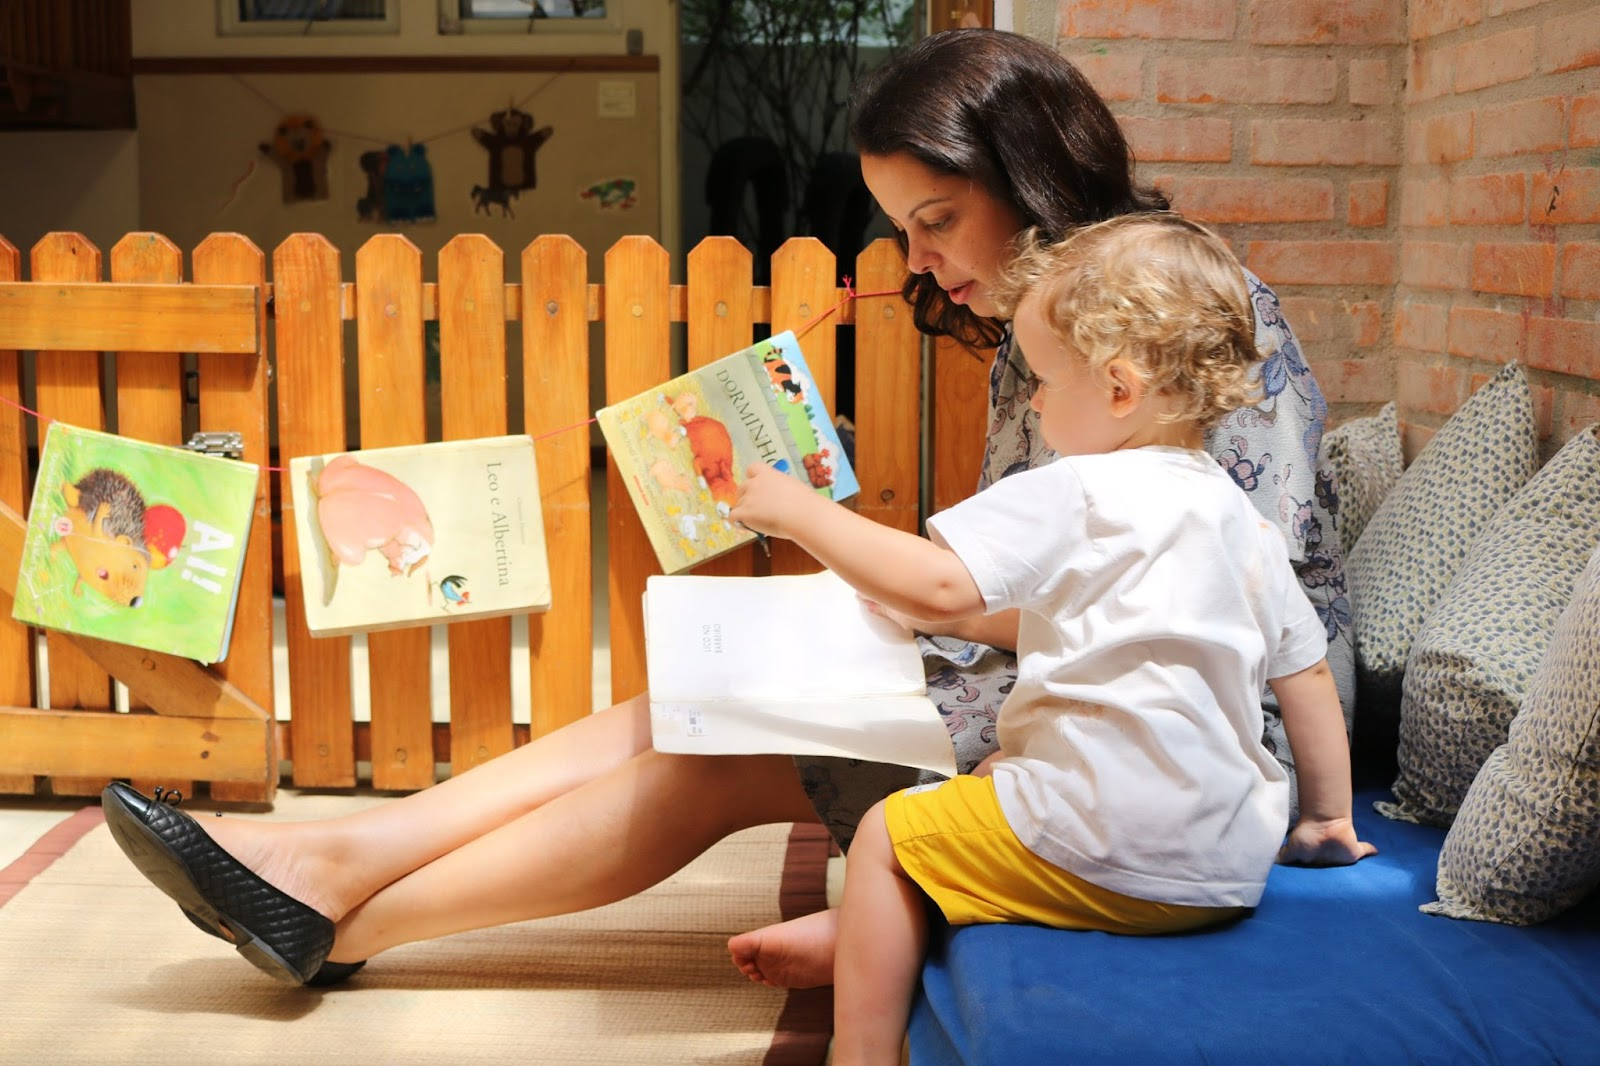 A imagem mostra um adulto lendo um livro, ao seu lado uma criança.